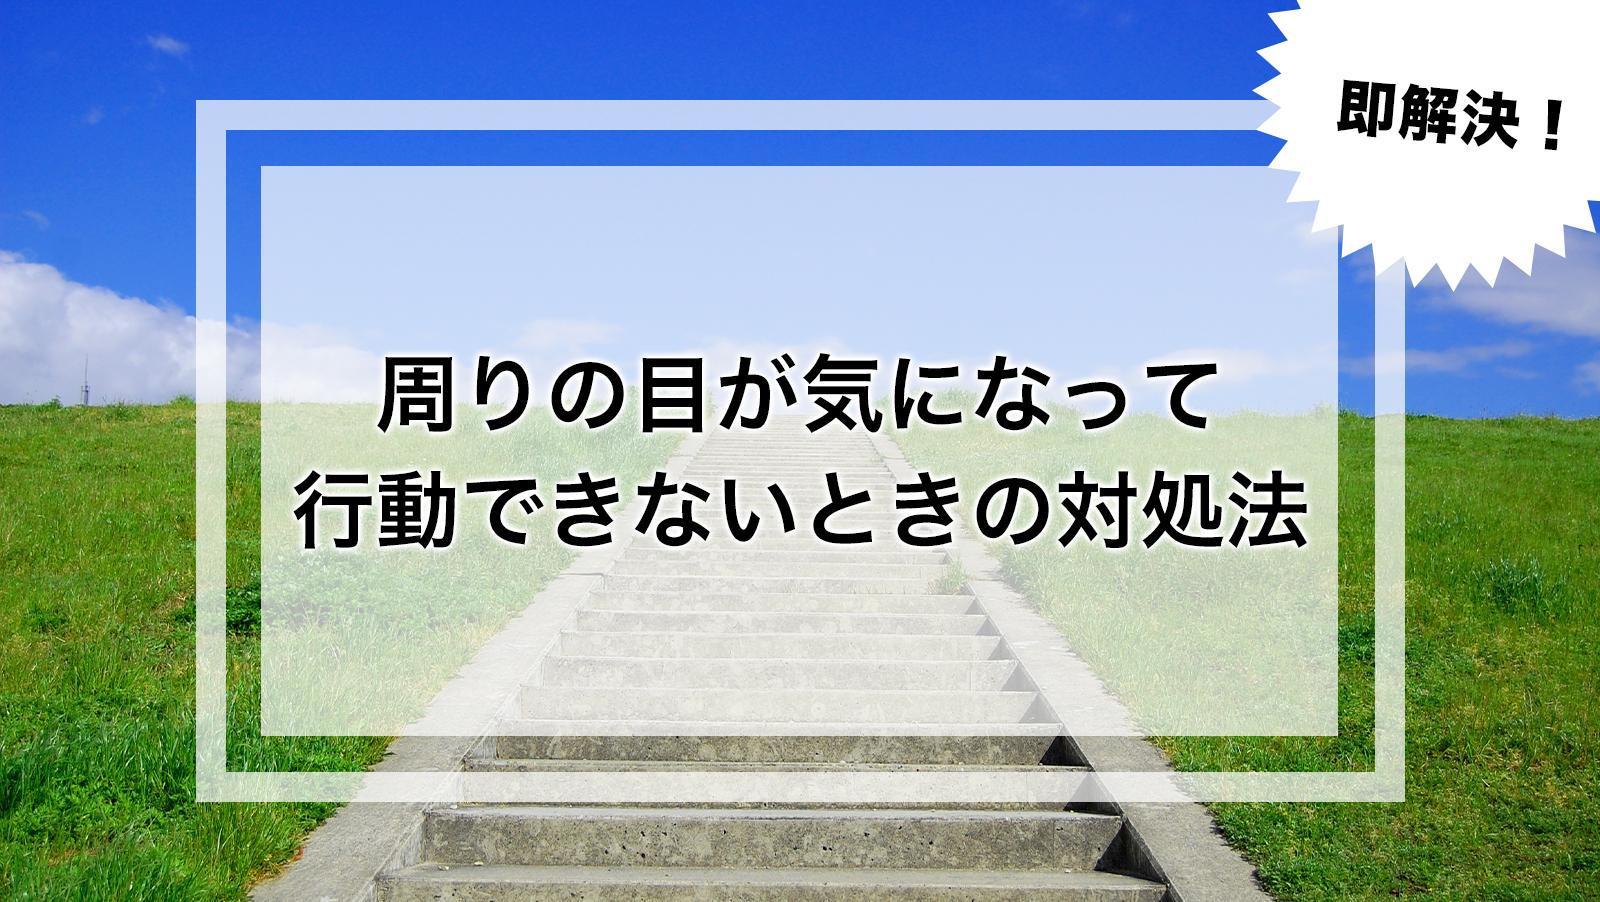 「【即解決!】周りの目が気になって行動できないときの対処法」のアイキャッチ画像